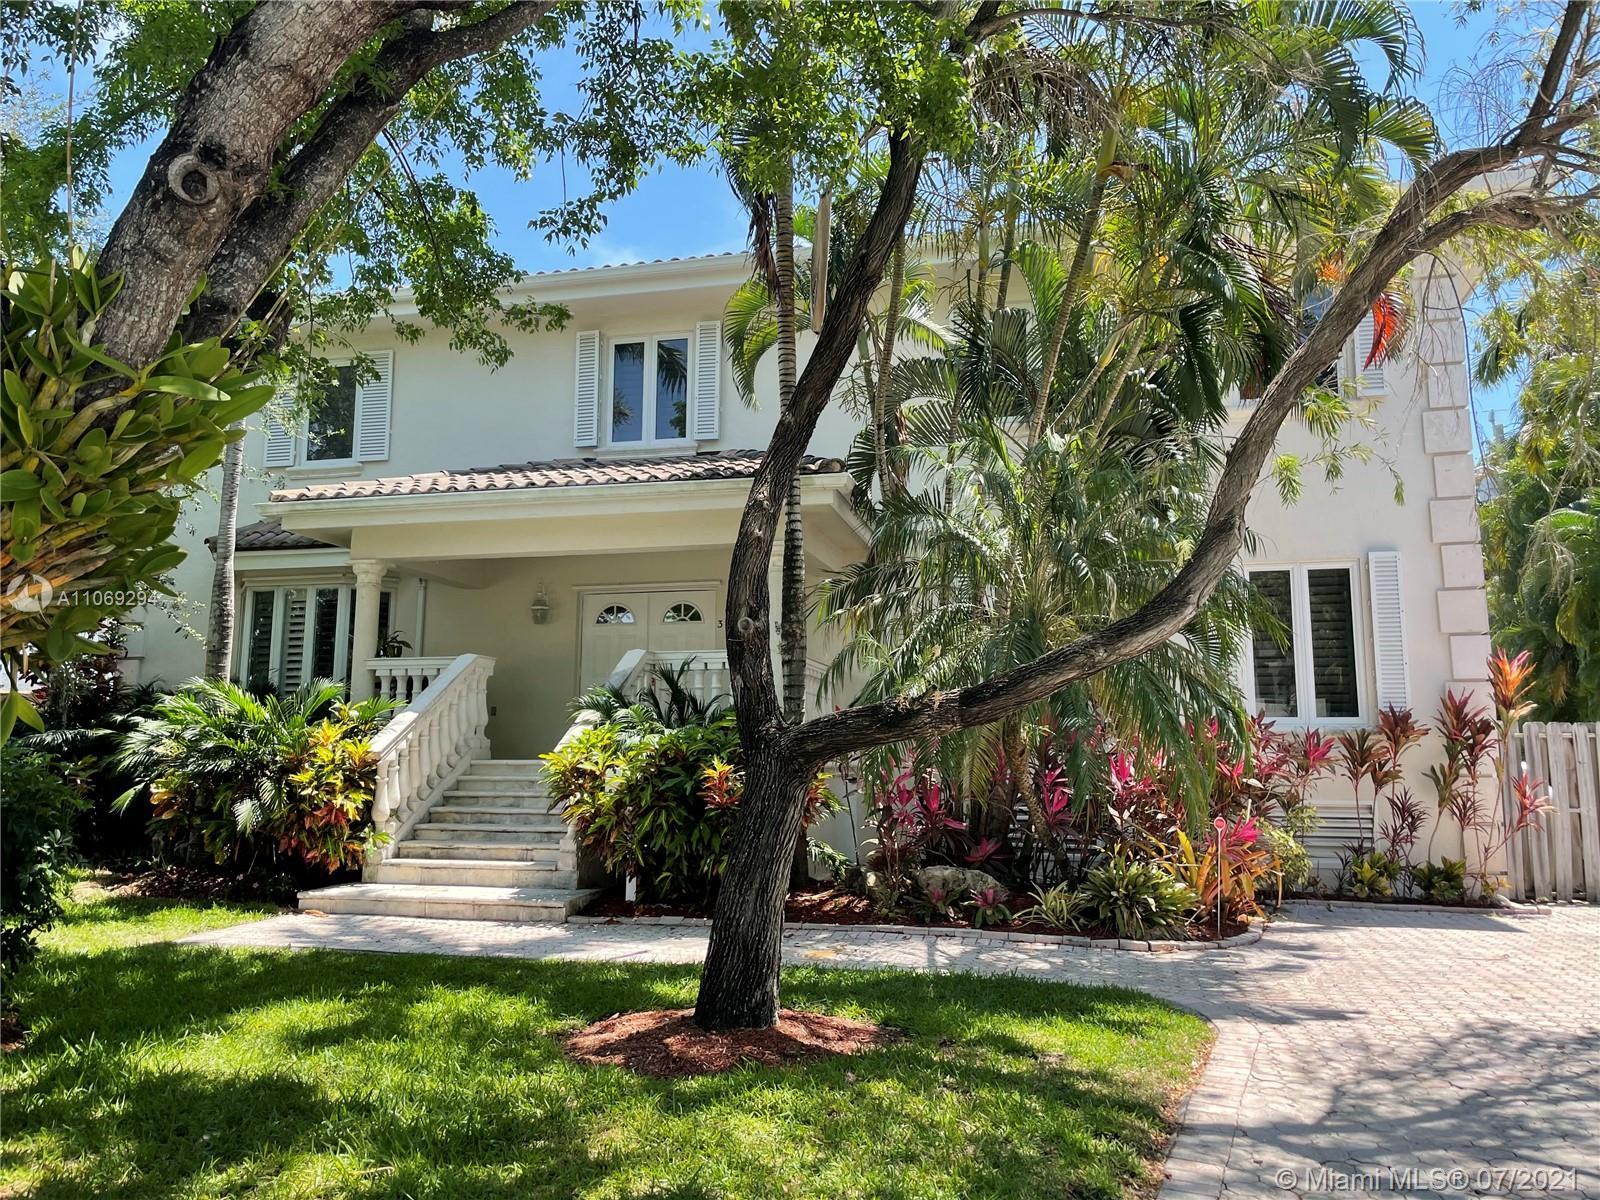 Tropical Isle Homes - 375 Ridgewood Rd, Key Biscayne, FL 33149